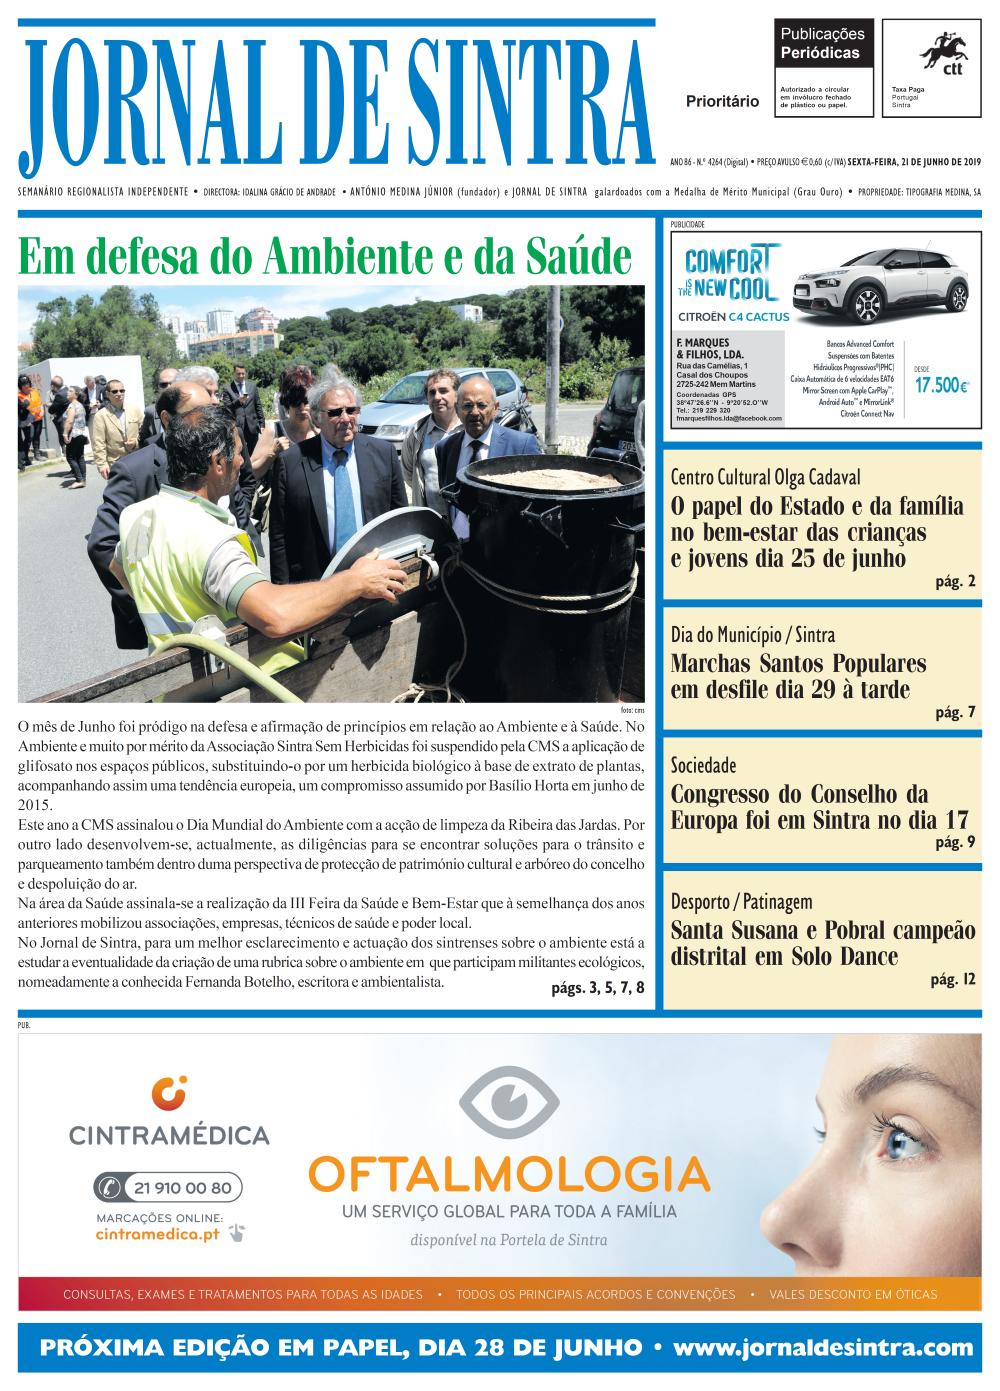 Capa da edição de 21/06/2019